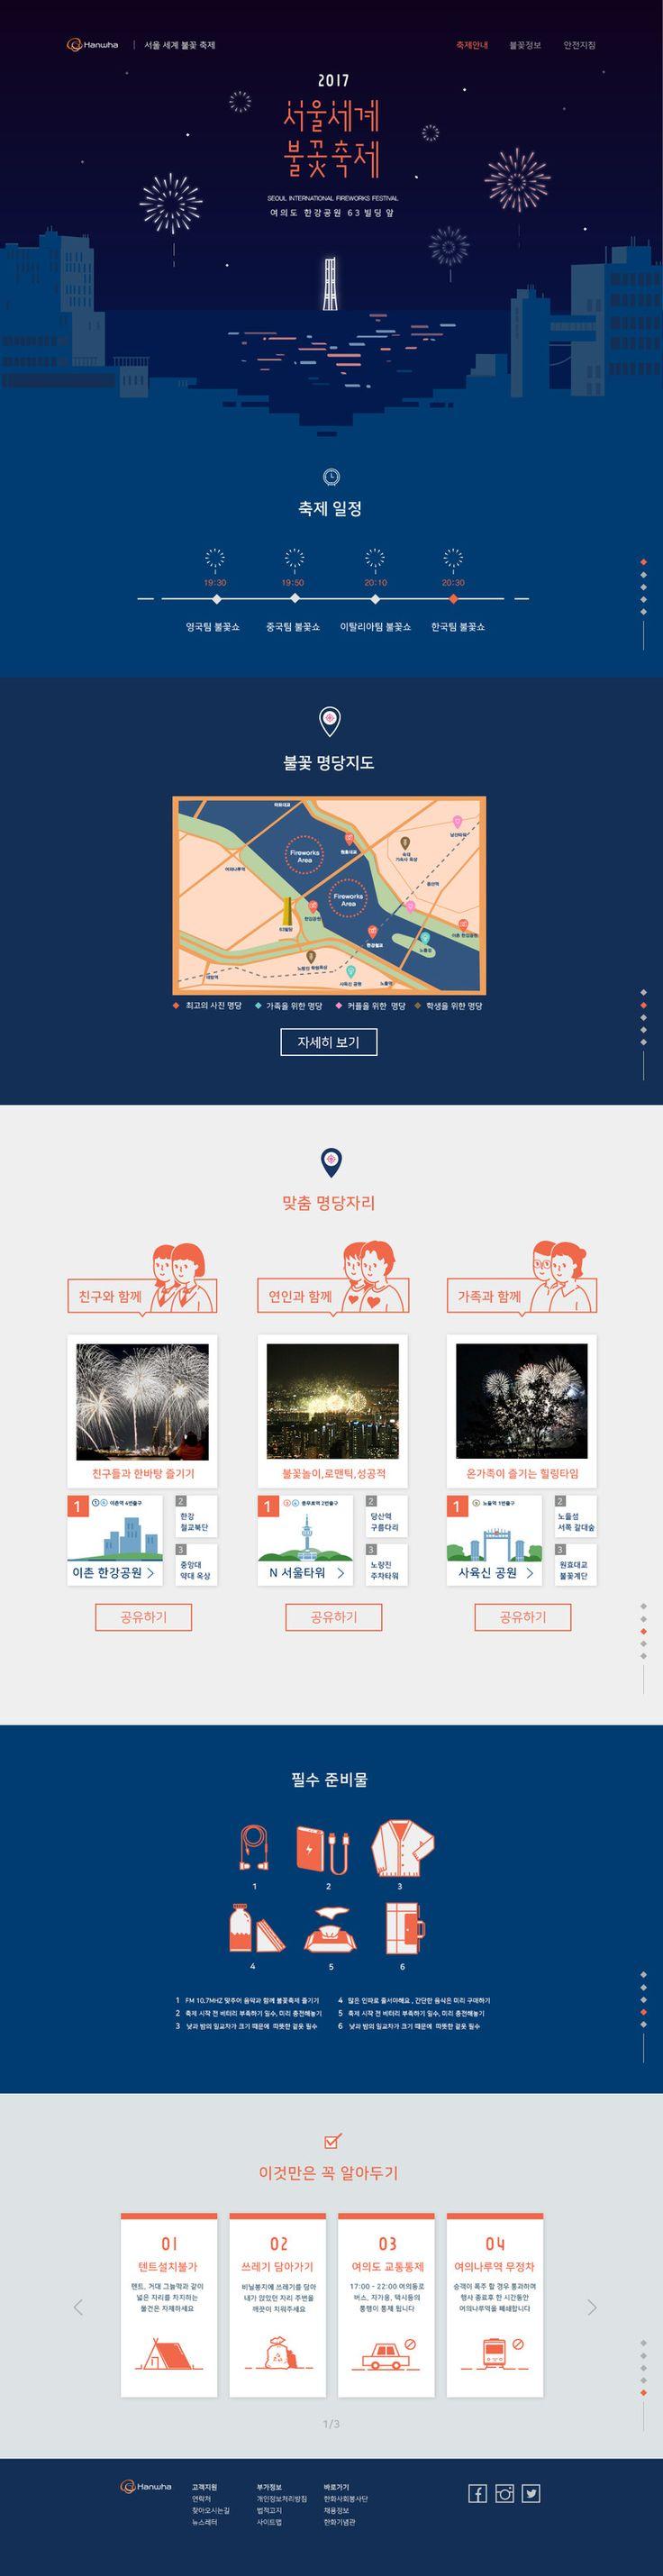 2017년 한화 서울세계 불꽃축제 웹 디자인 - 그래픽 디자인 · UI/UX, 그래픽 디자인, UI/UX, 그래픽 디자인, UI/UX